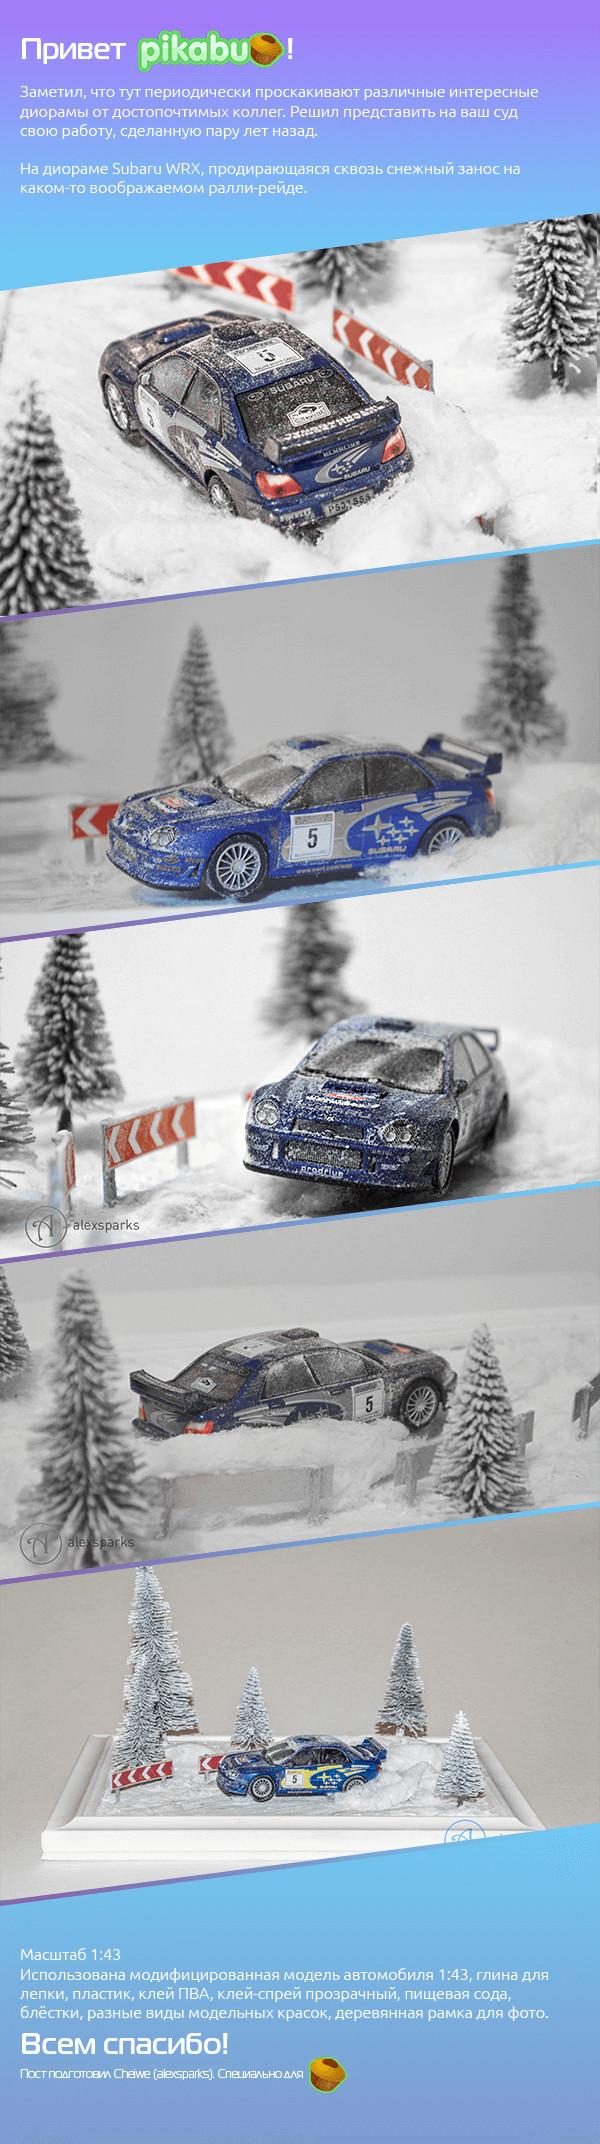 Диорама. Subaru Зимнее ралли. Диорама, 1:43, Subaru, Зима, Ралли, Длиннопост, Моё, Моделизм